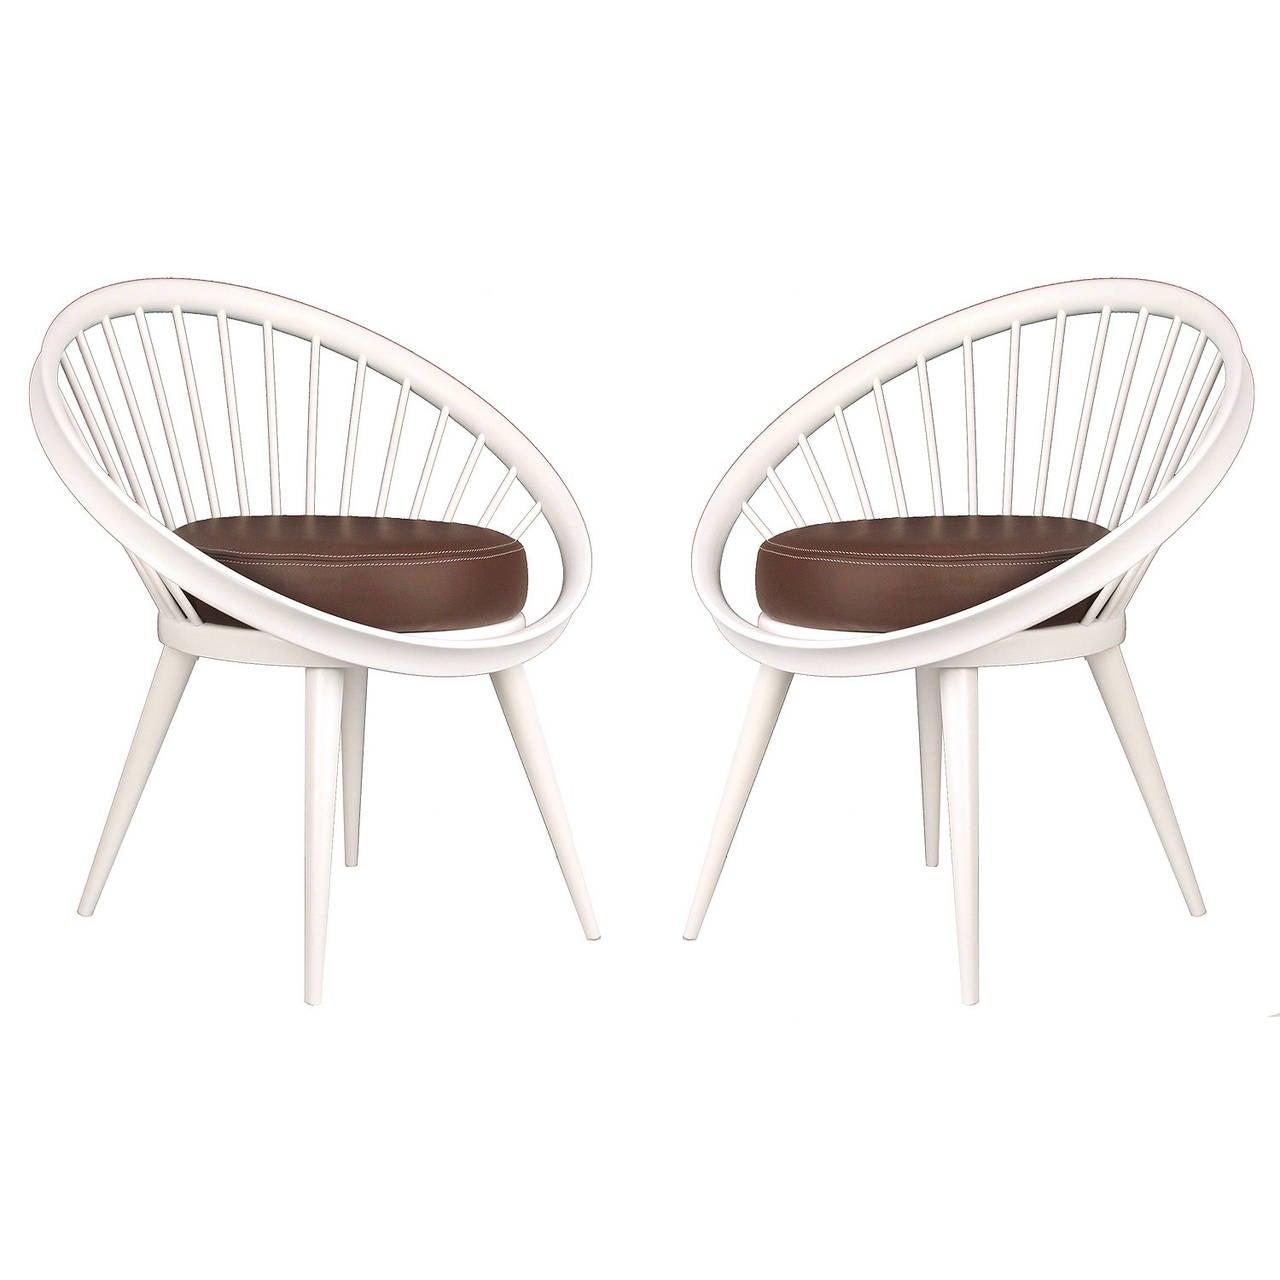 Pair of Yngve Ekström Loop or Circle Lounge Chairs